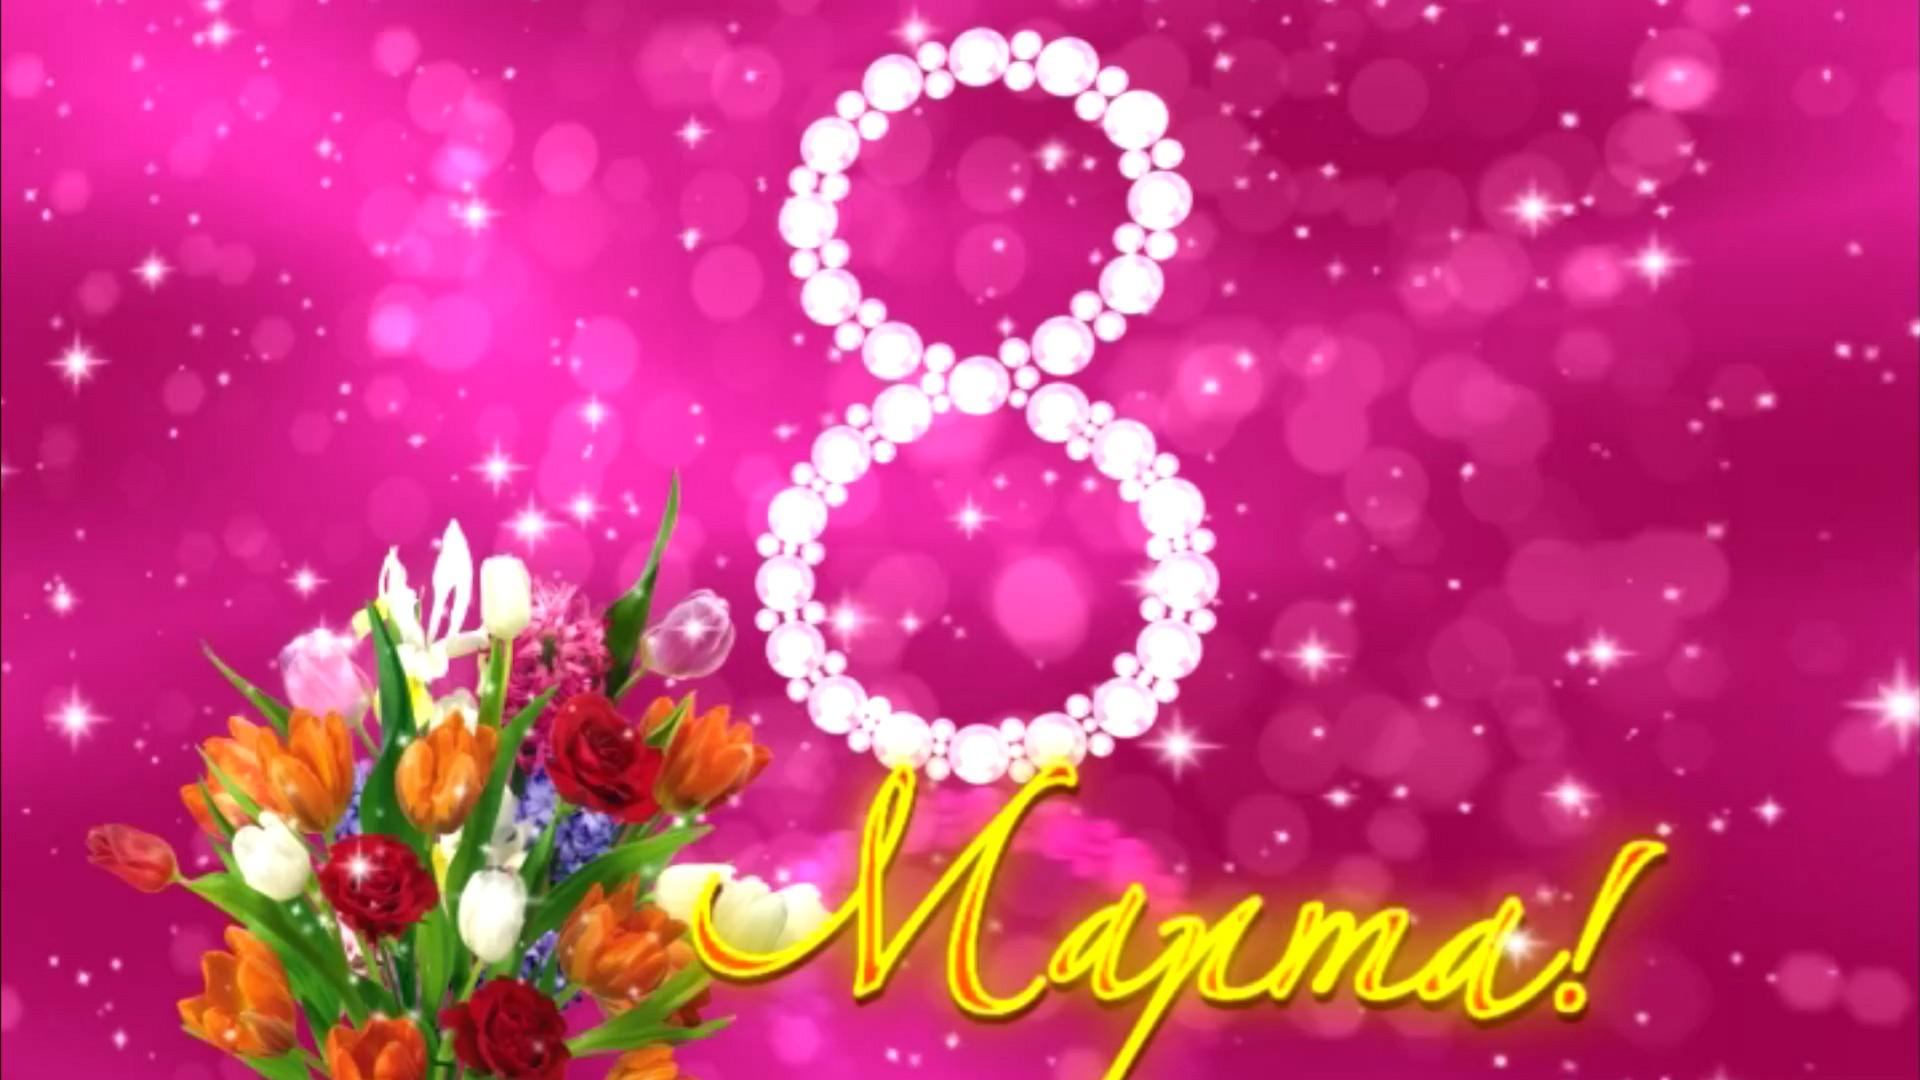 8 Марта весеннее поздравление с праздником!